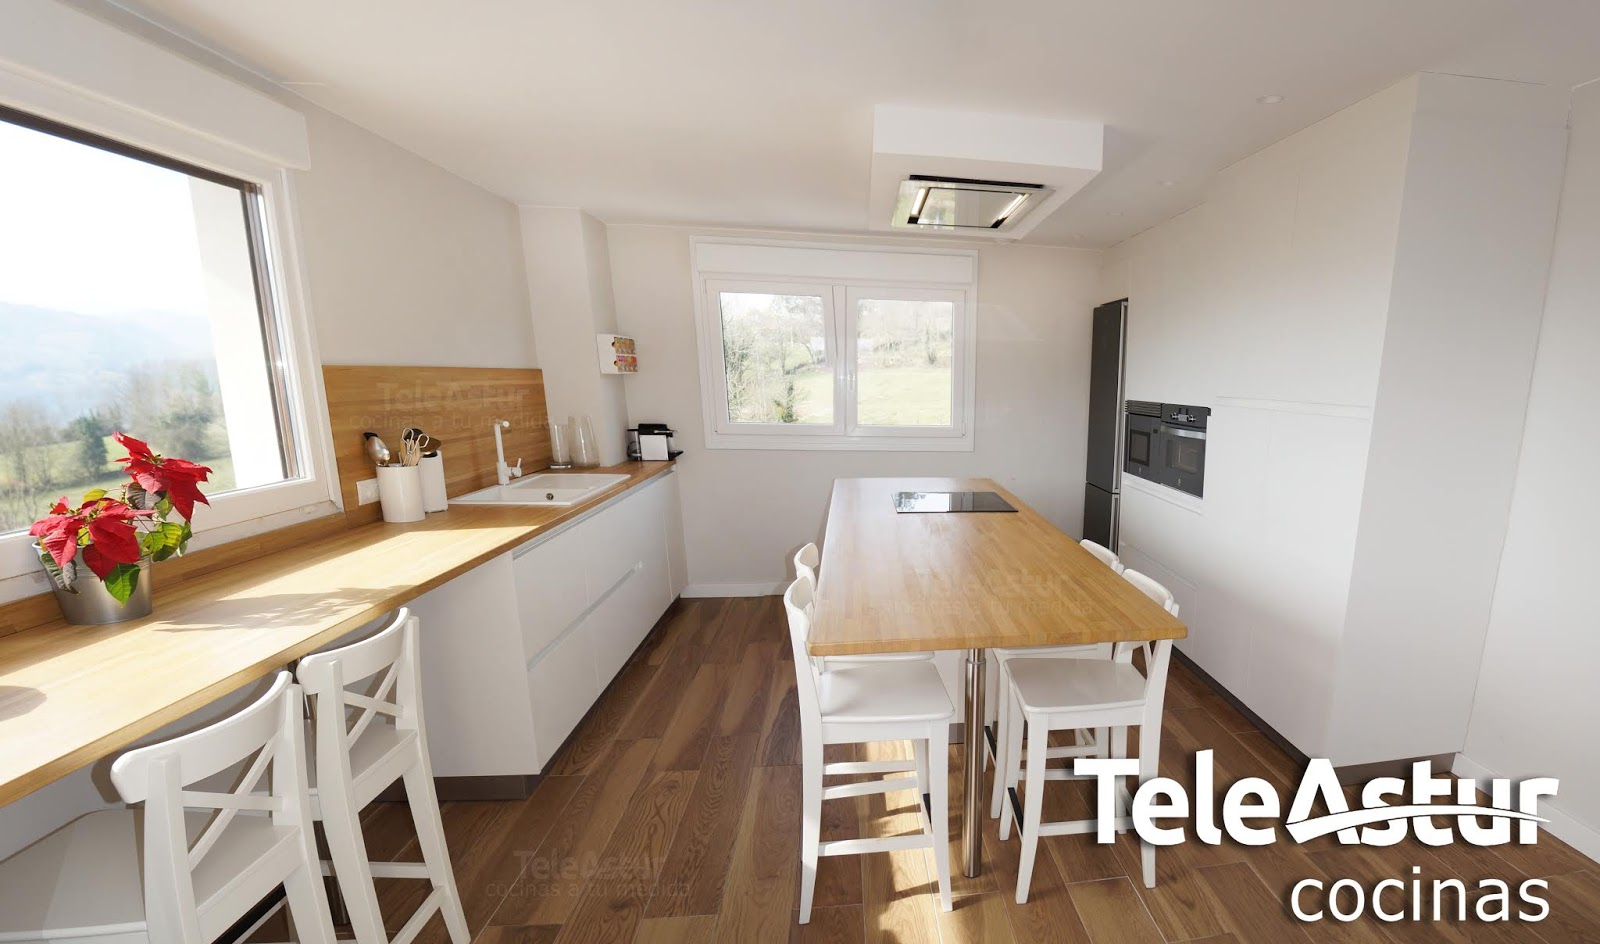 Teleastur | Muebles de Cocina, Reformas, Oviedo Aviles Gijon: 🚩Trabajos